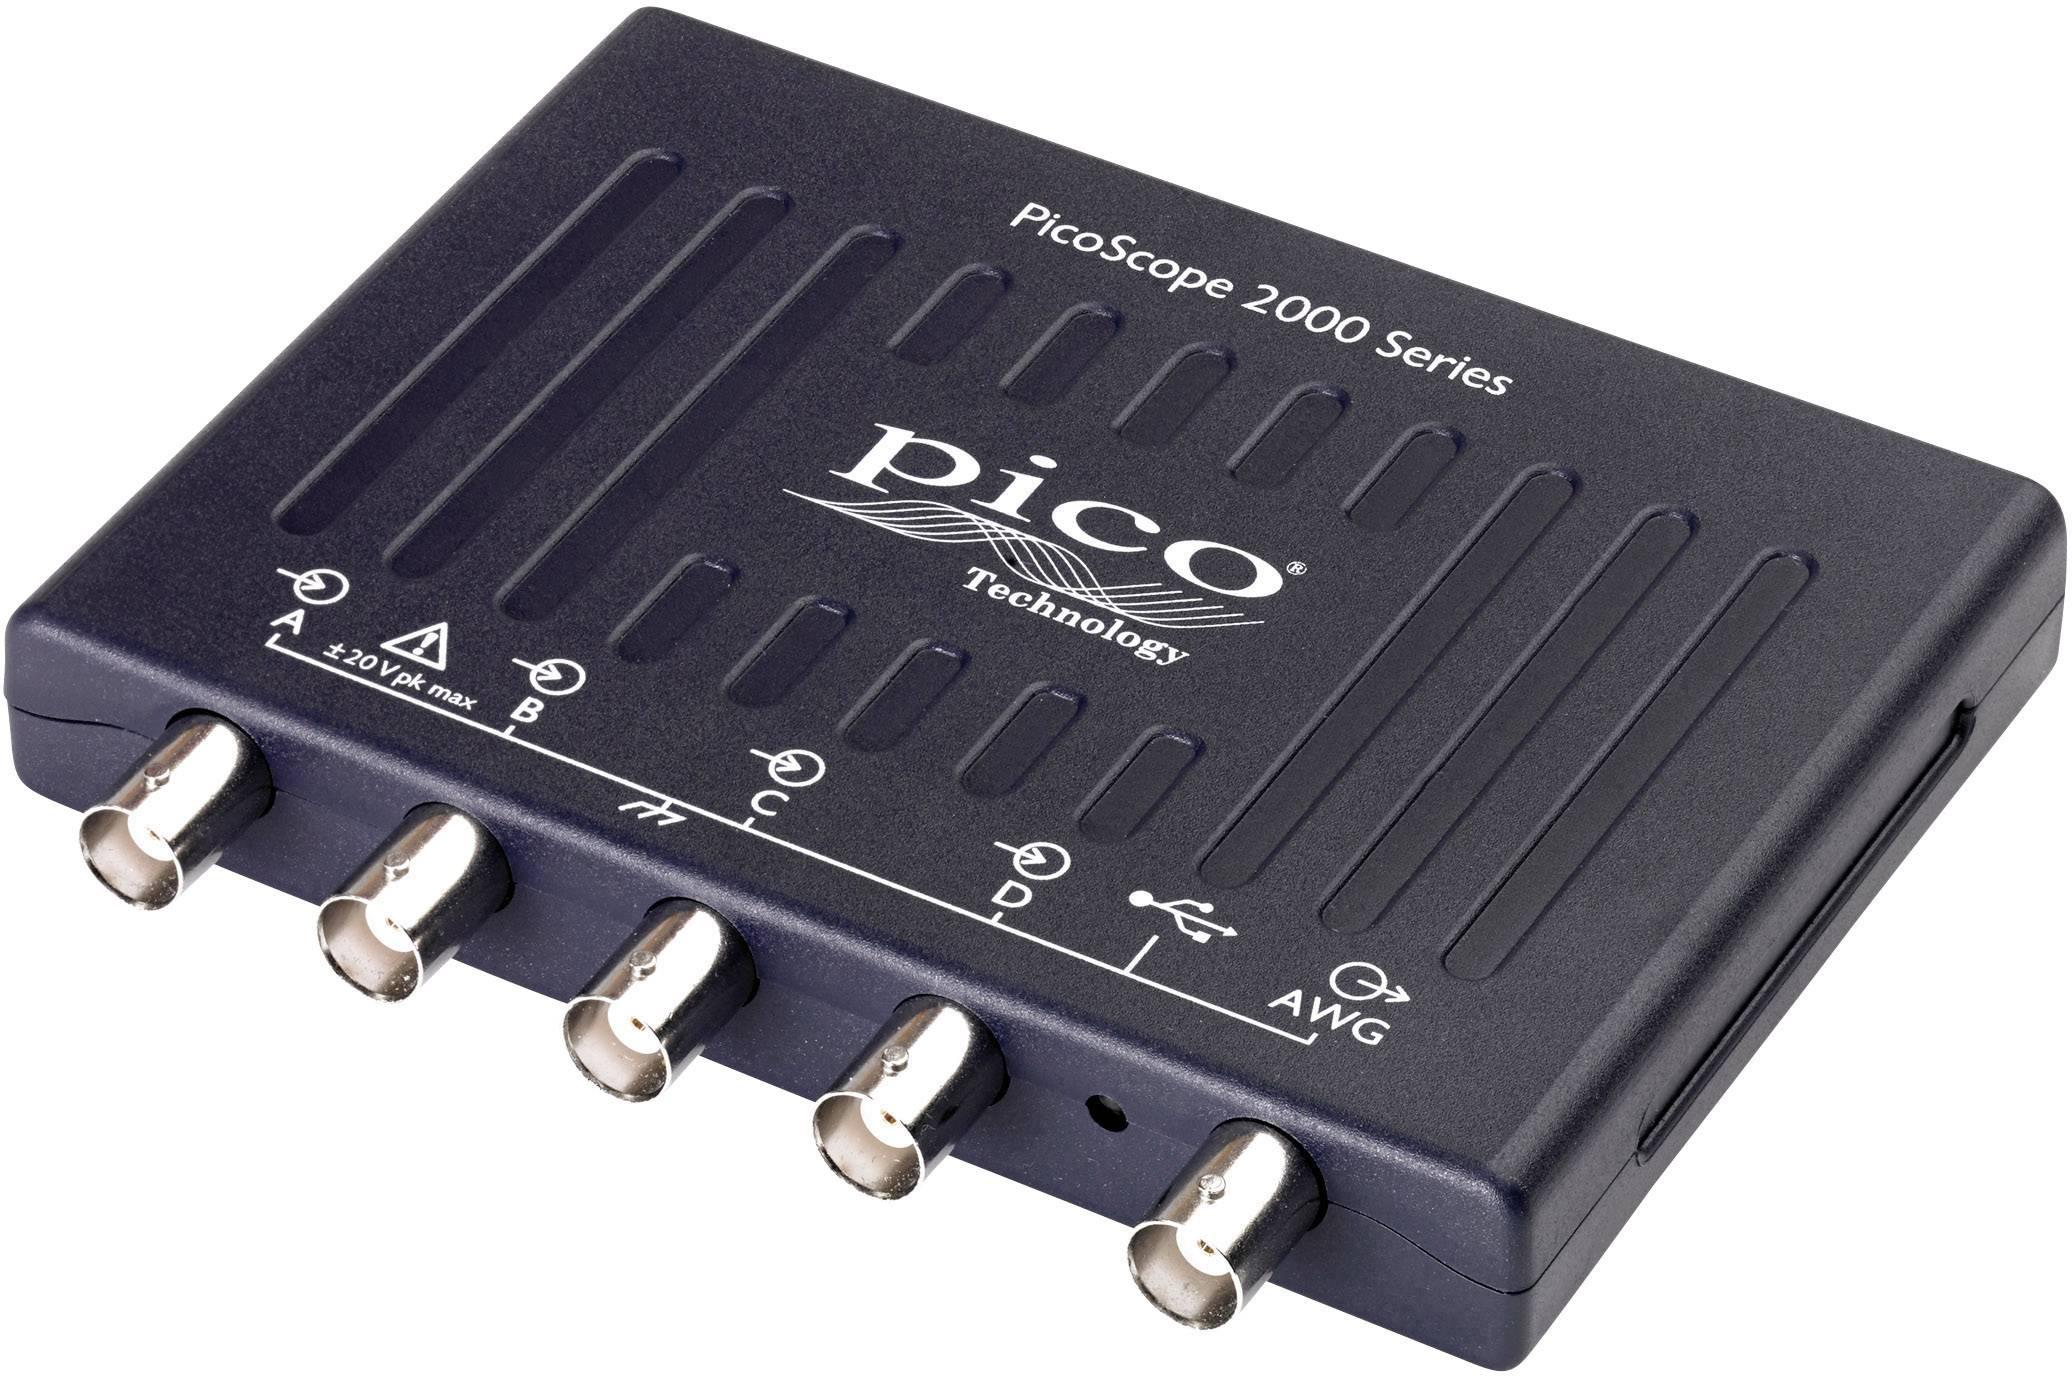 USB osciloskop pico 2406B, 50 MHz, 4kanálová